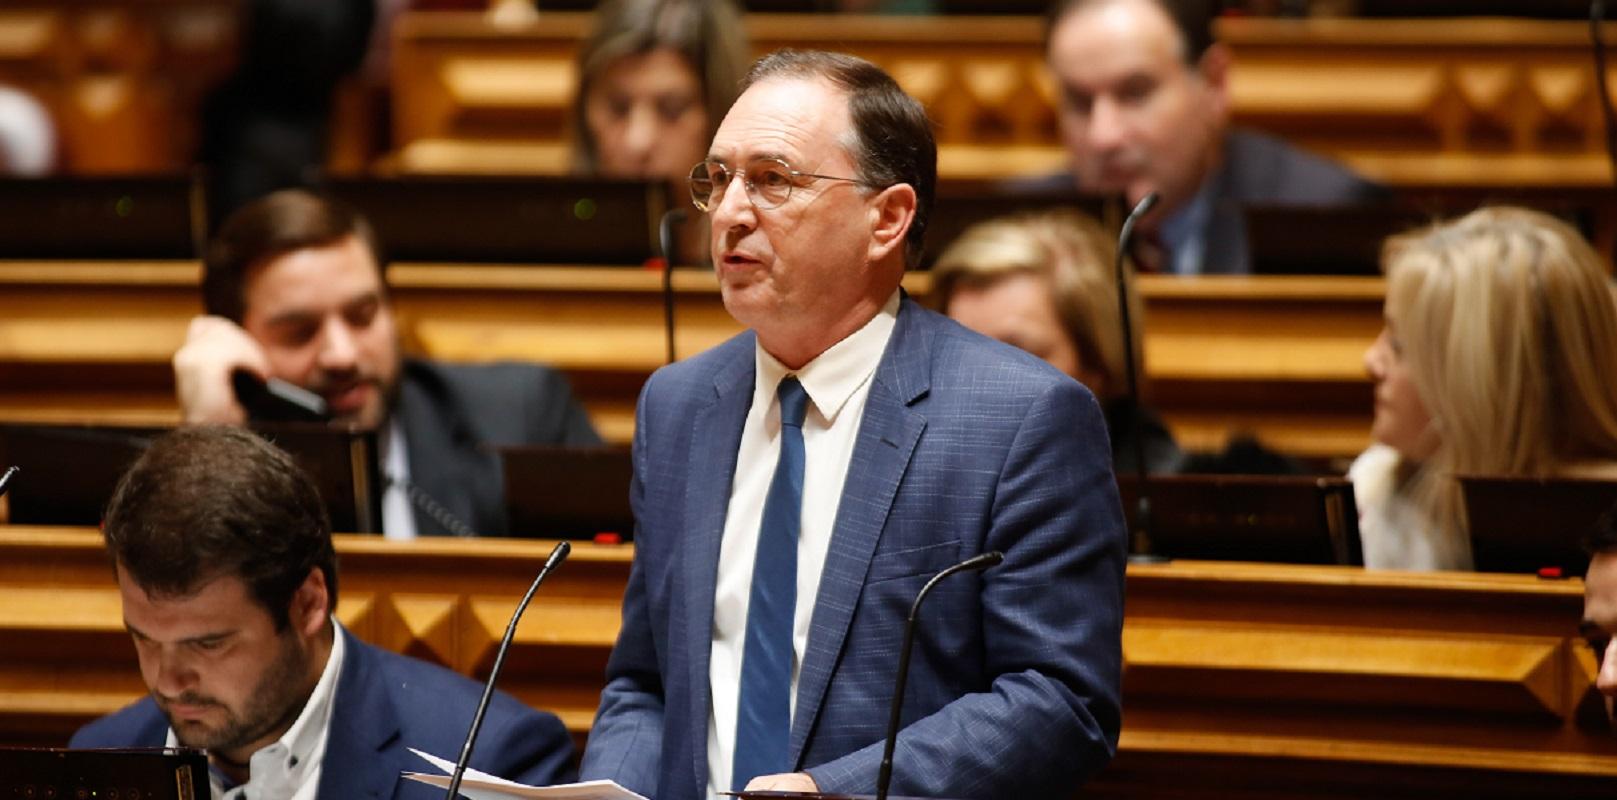 José Manuel Carpinteira pede ao Governo reforço orçamental para ULSAM